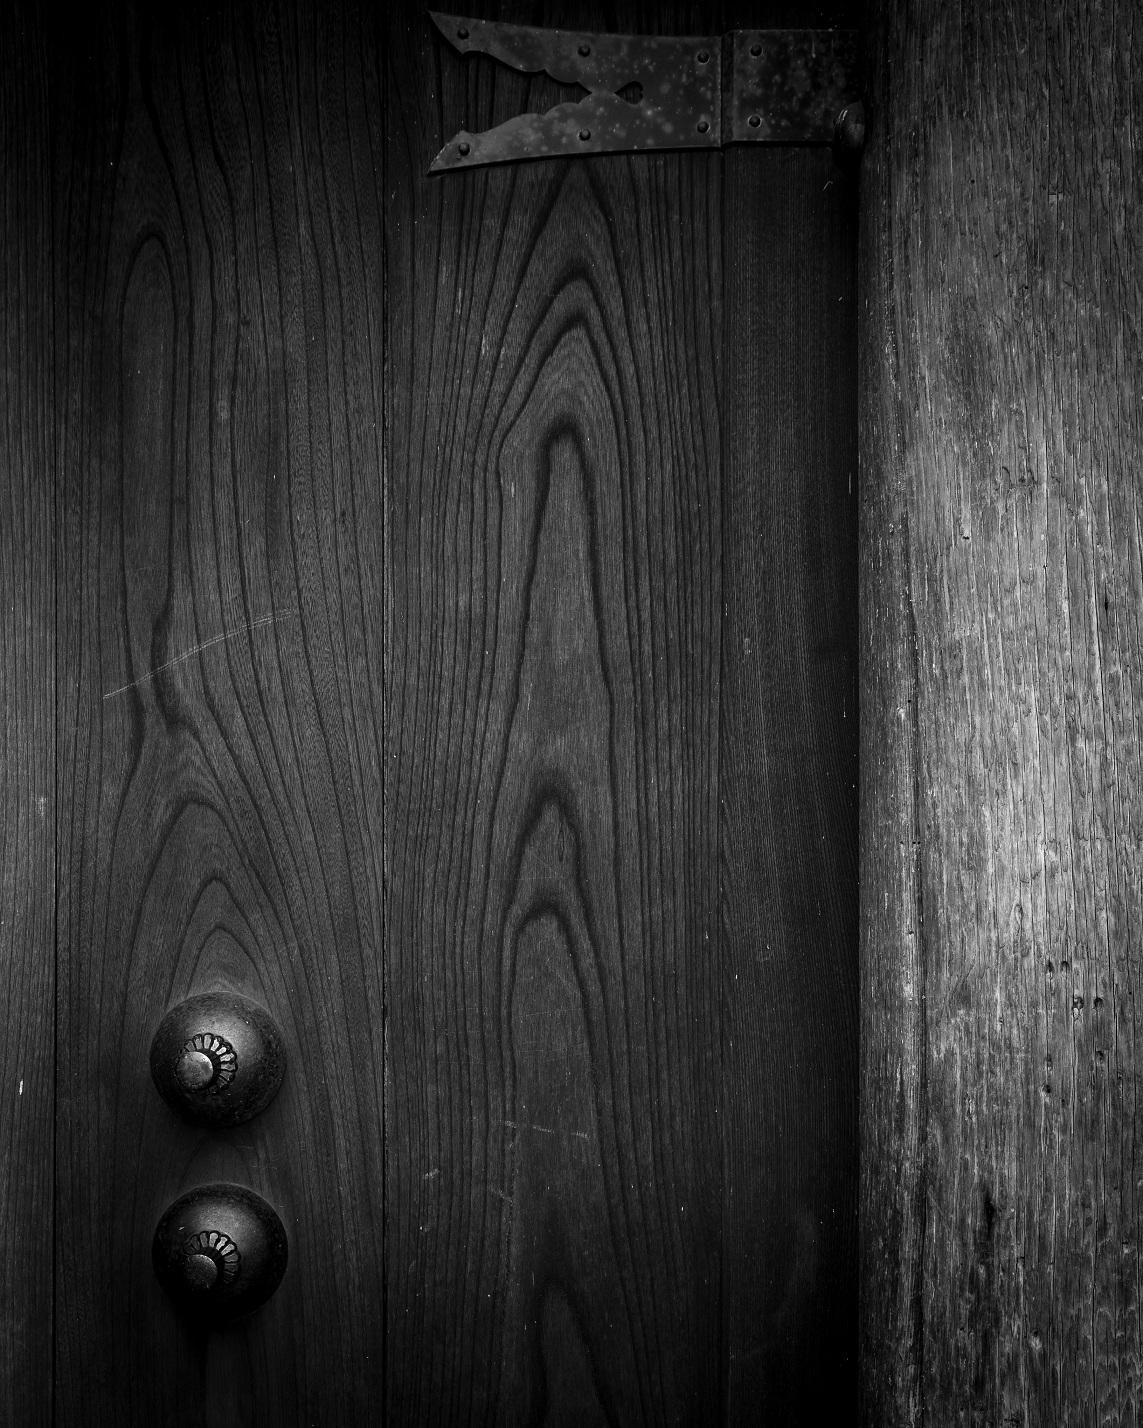 templedoor.jpg